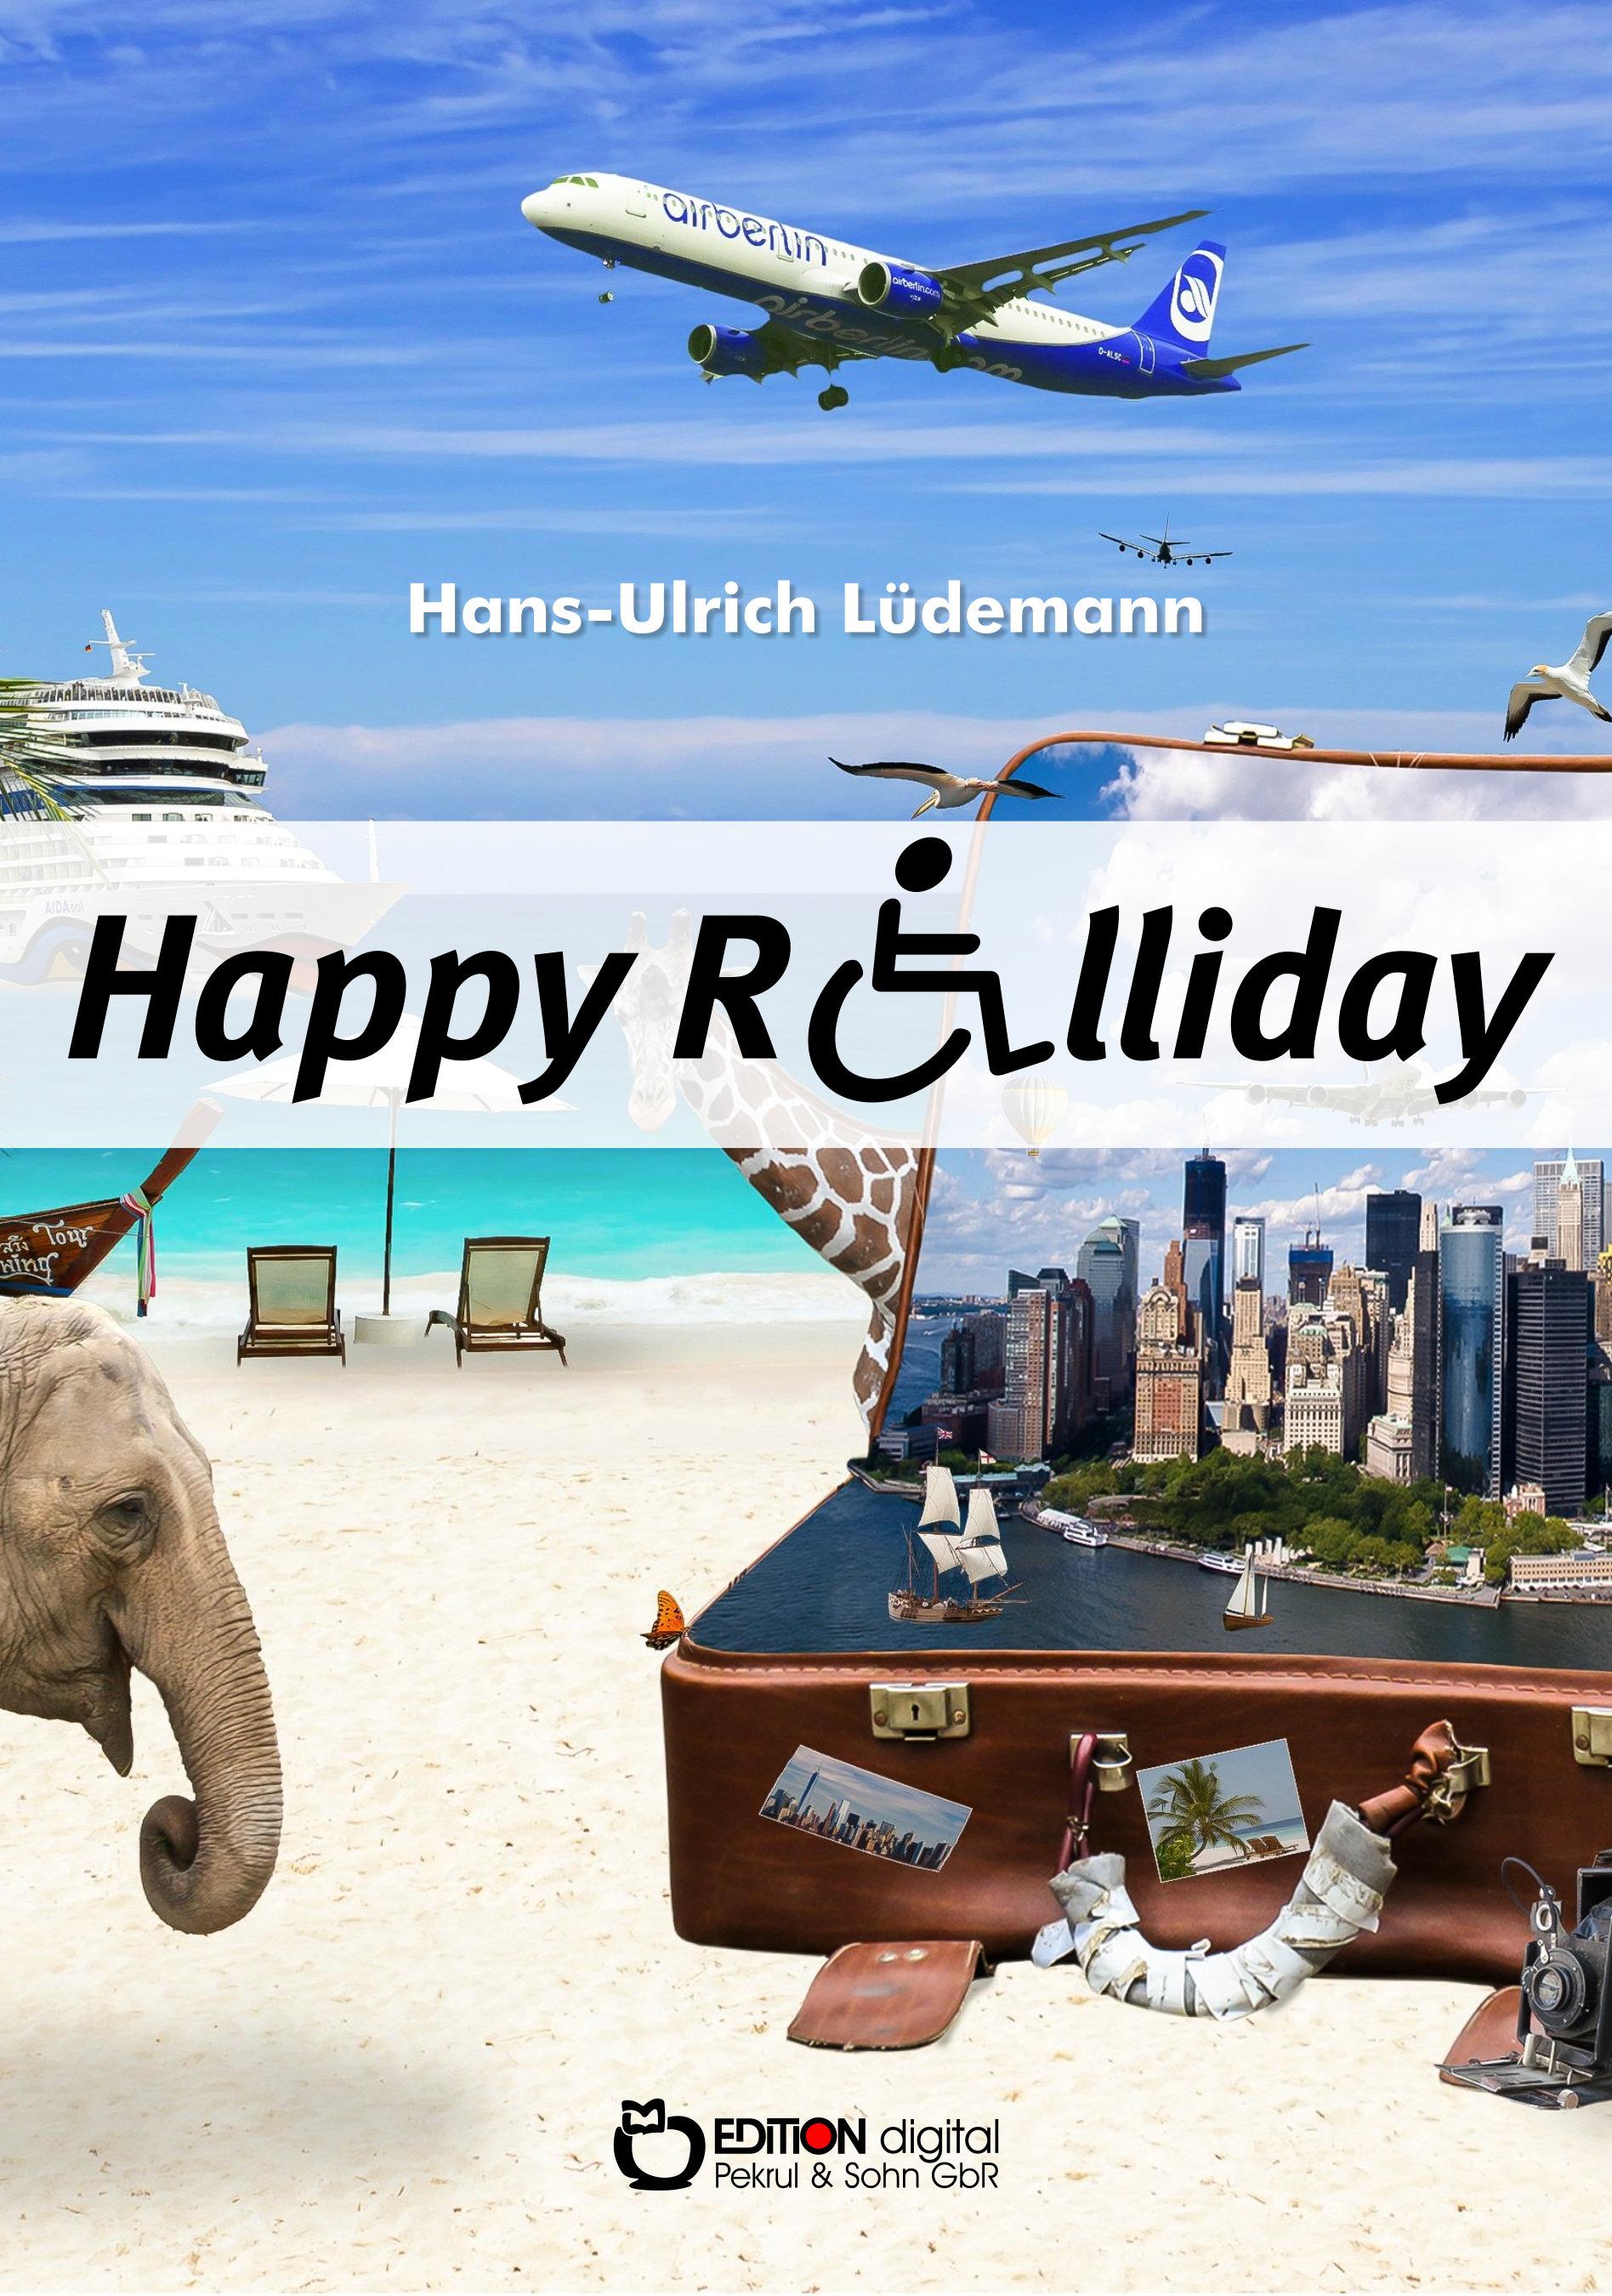 Happy Rolliday von Hans-Ulrich Lüdemann